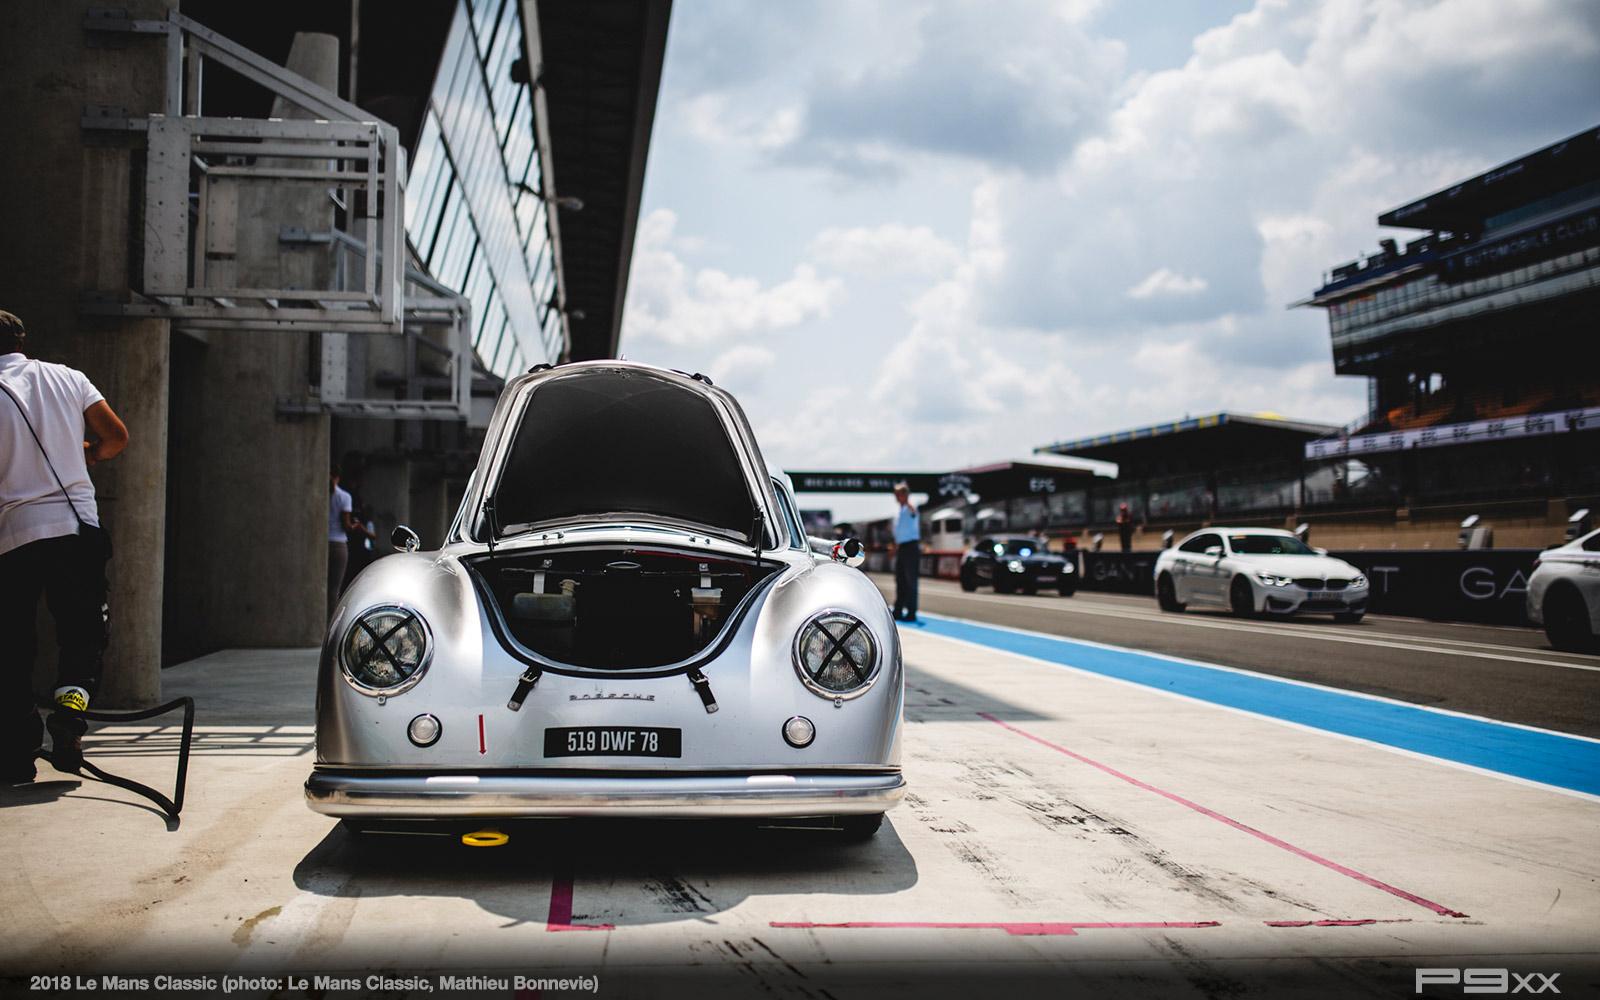 2018-Le-Mans-Classic-Porsche-322